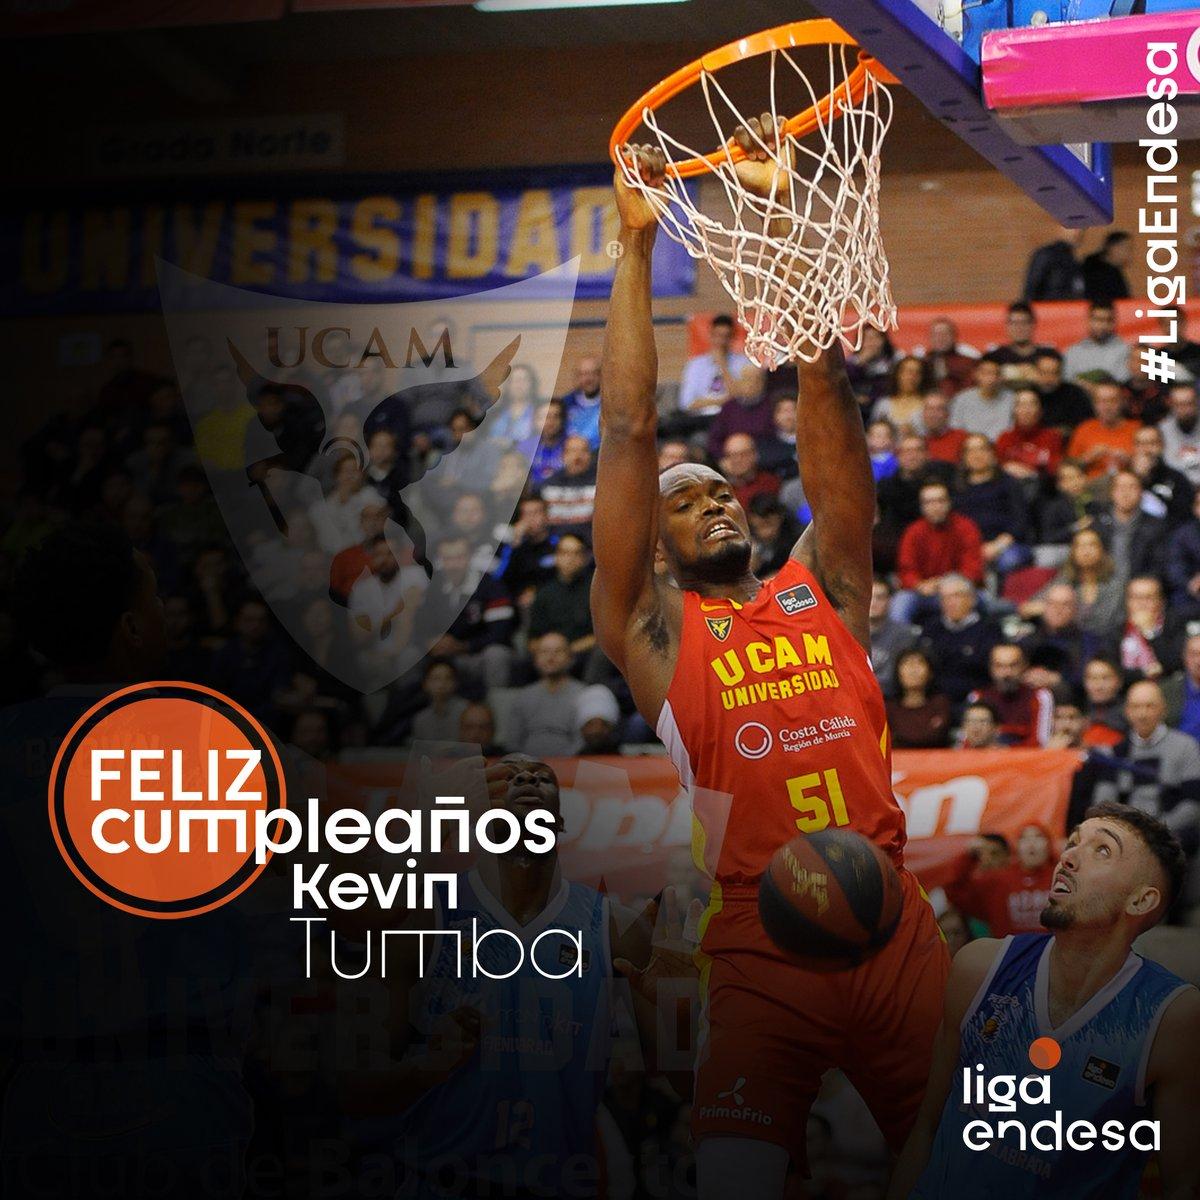 ¡Feliz cumpleaños, Kevin Tumba! #LigaEndesa